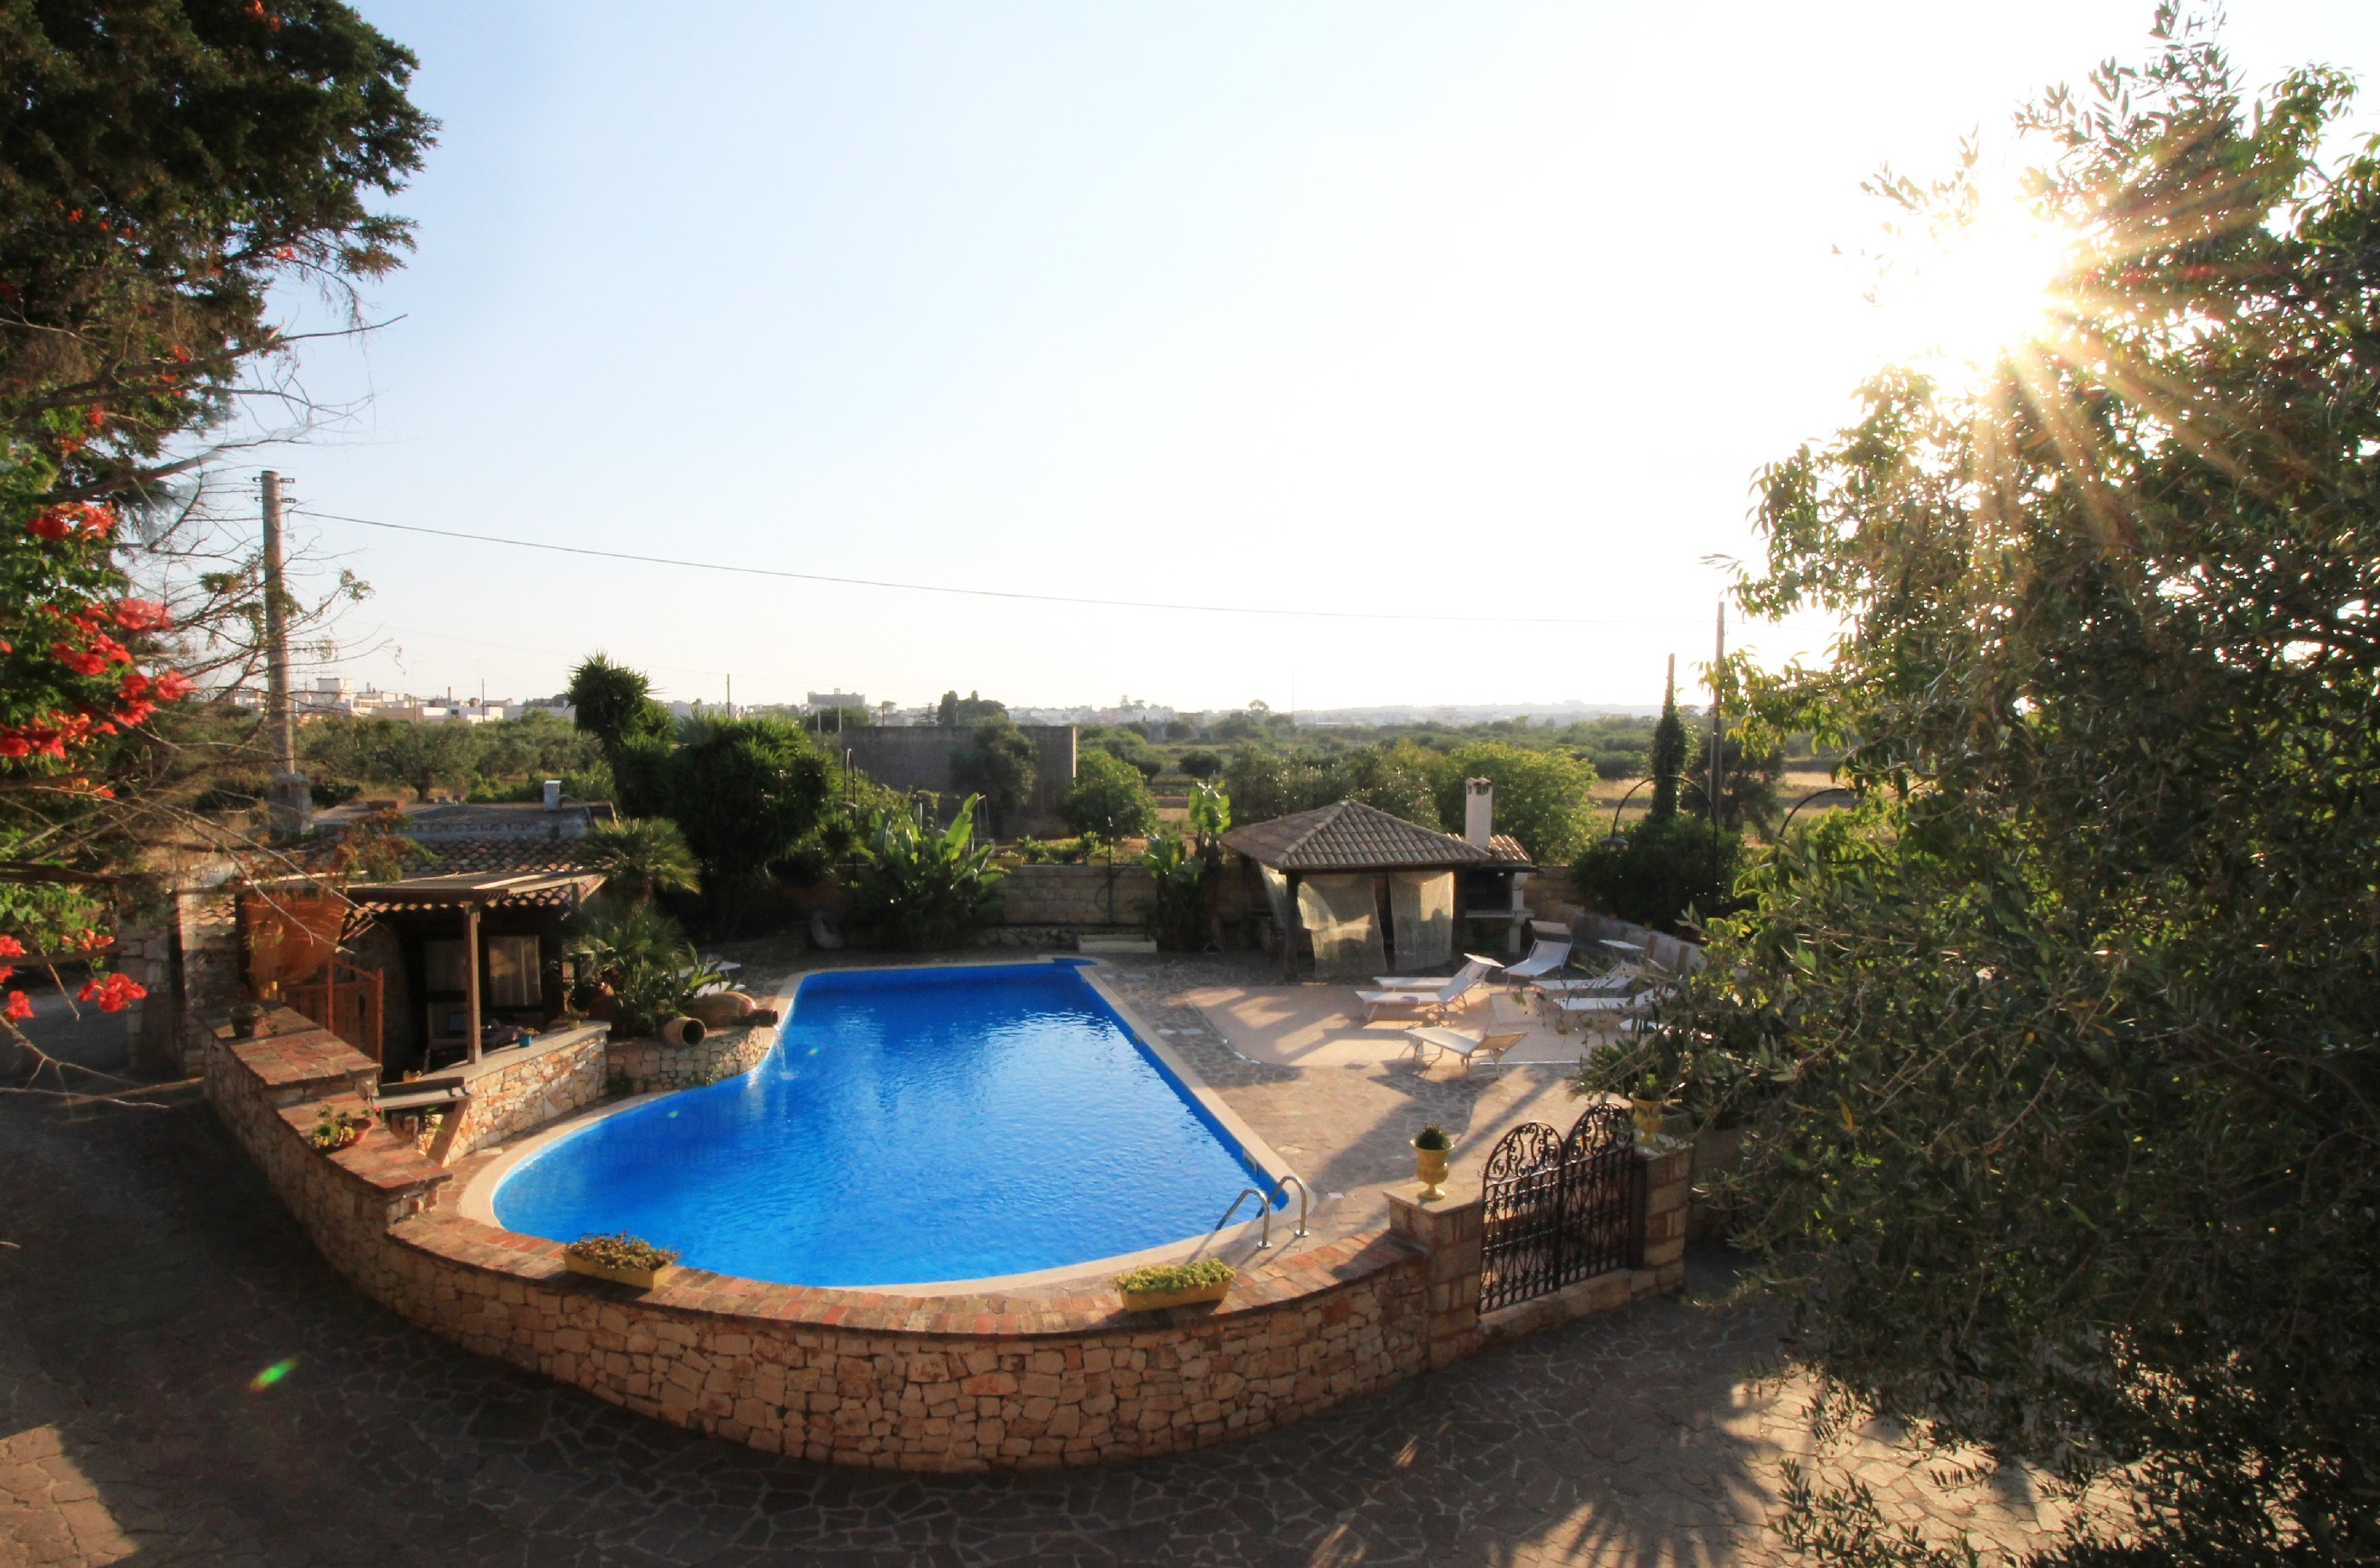 Apartment Merlo Trullo con piscina photo 20369924